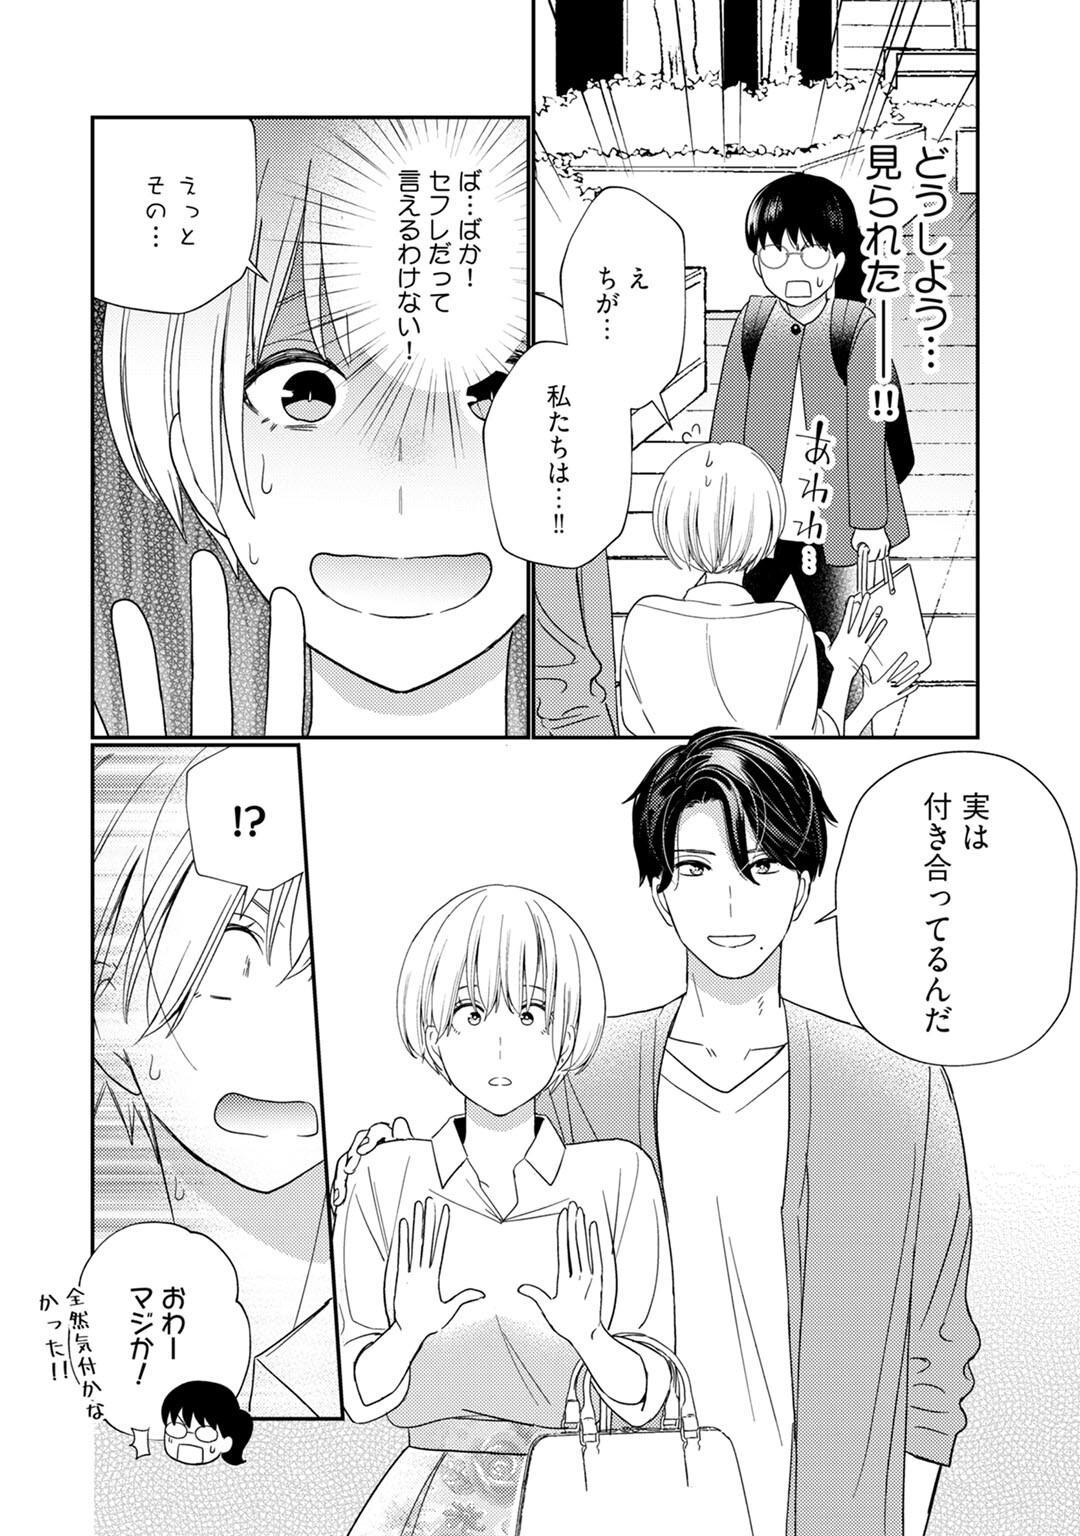 [Okonogi Happa] Kyonyuu-chan to Kyokon Joushi -Kaisha de Musabori Sex- act. 7 3